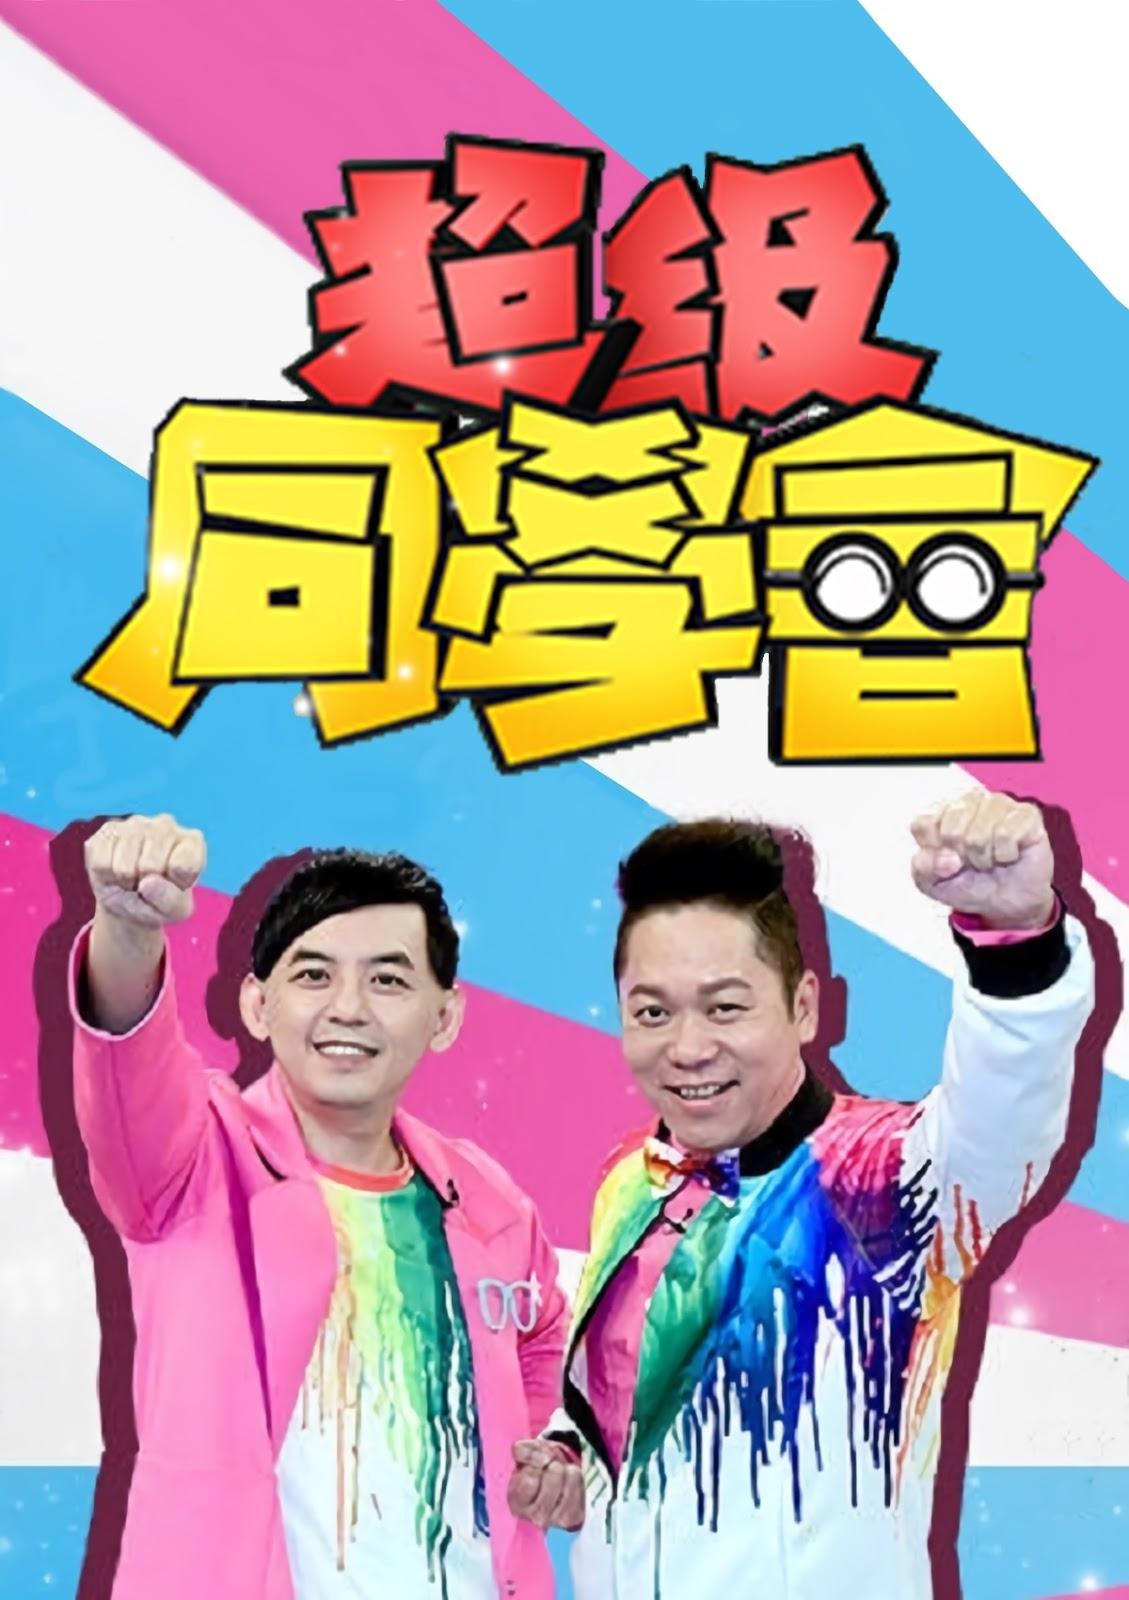 超級同學會 - Super Reunion (2019)